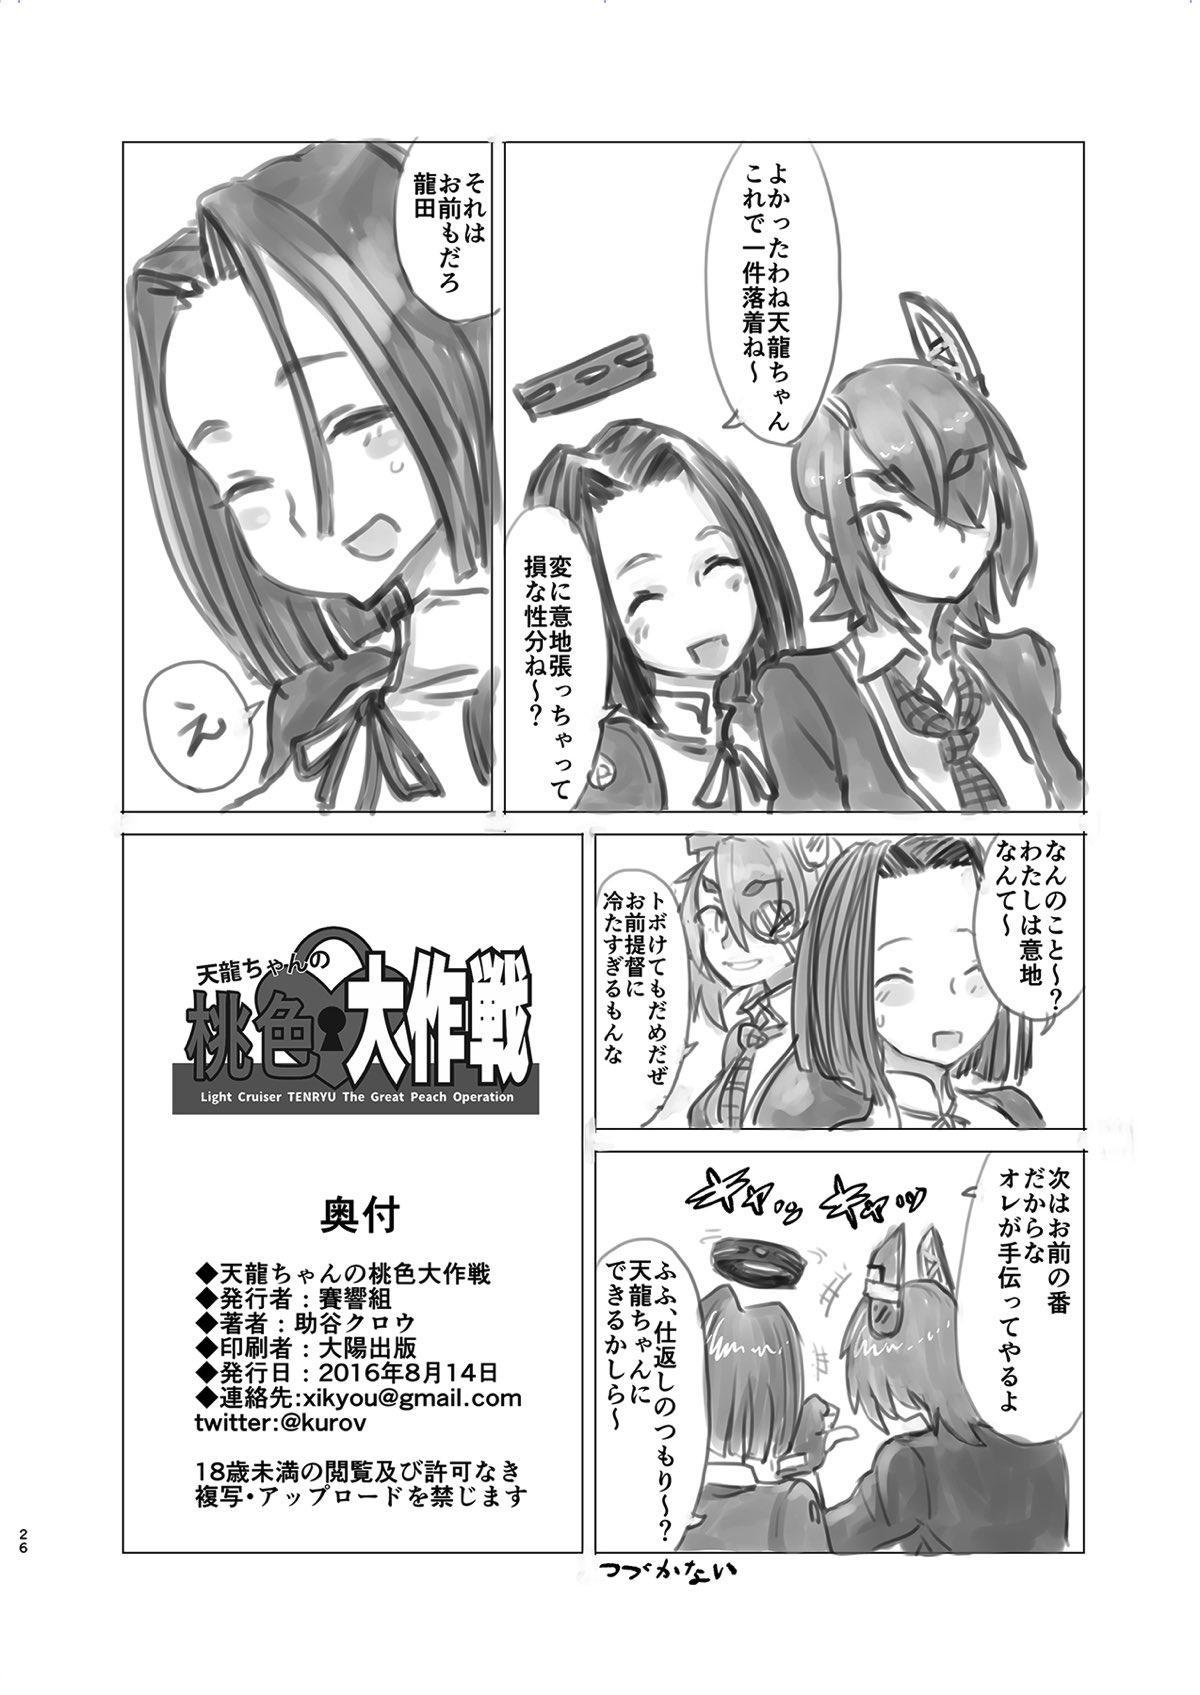 Tenryuu-chan no Momoiro Daisakusen 24